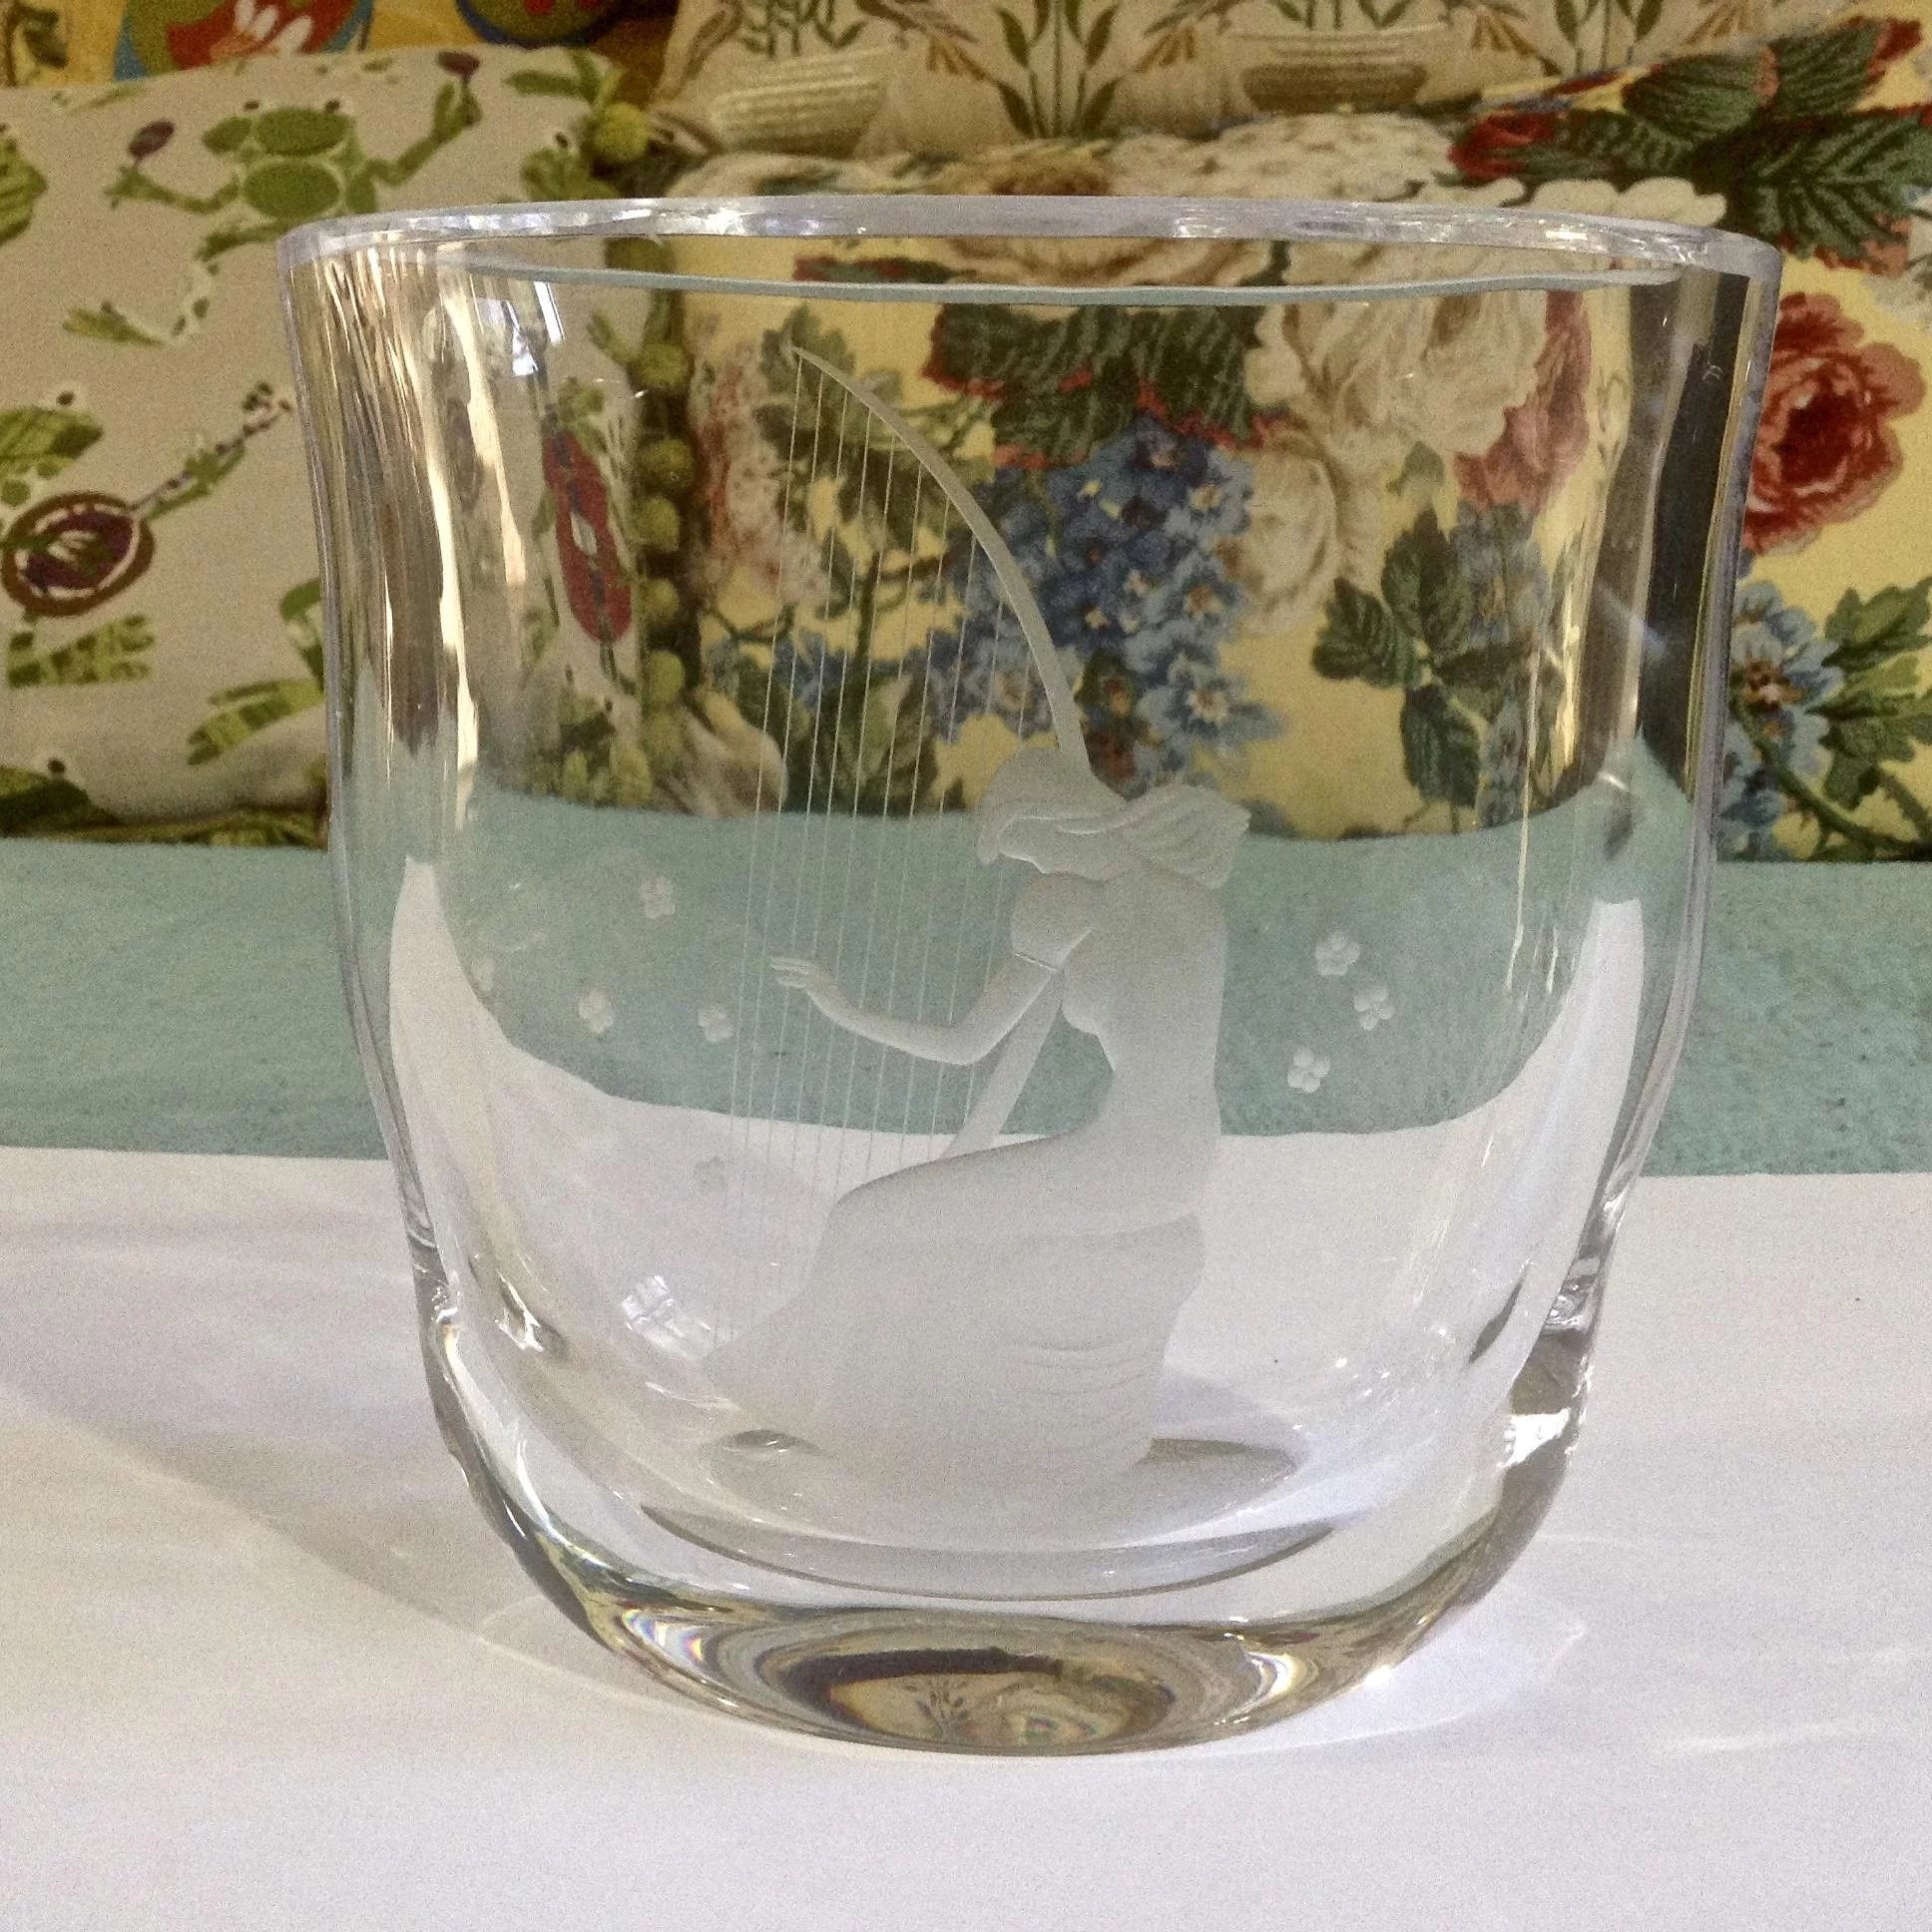 orrefors vase vintage of vintage orrefors glassworks cut and etched crystal art deco woman pertaining to click to expand a· vintage orrefors glassworks cut and etched